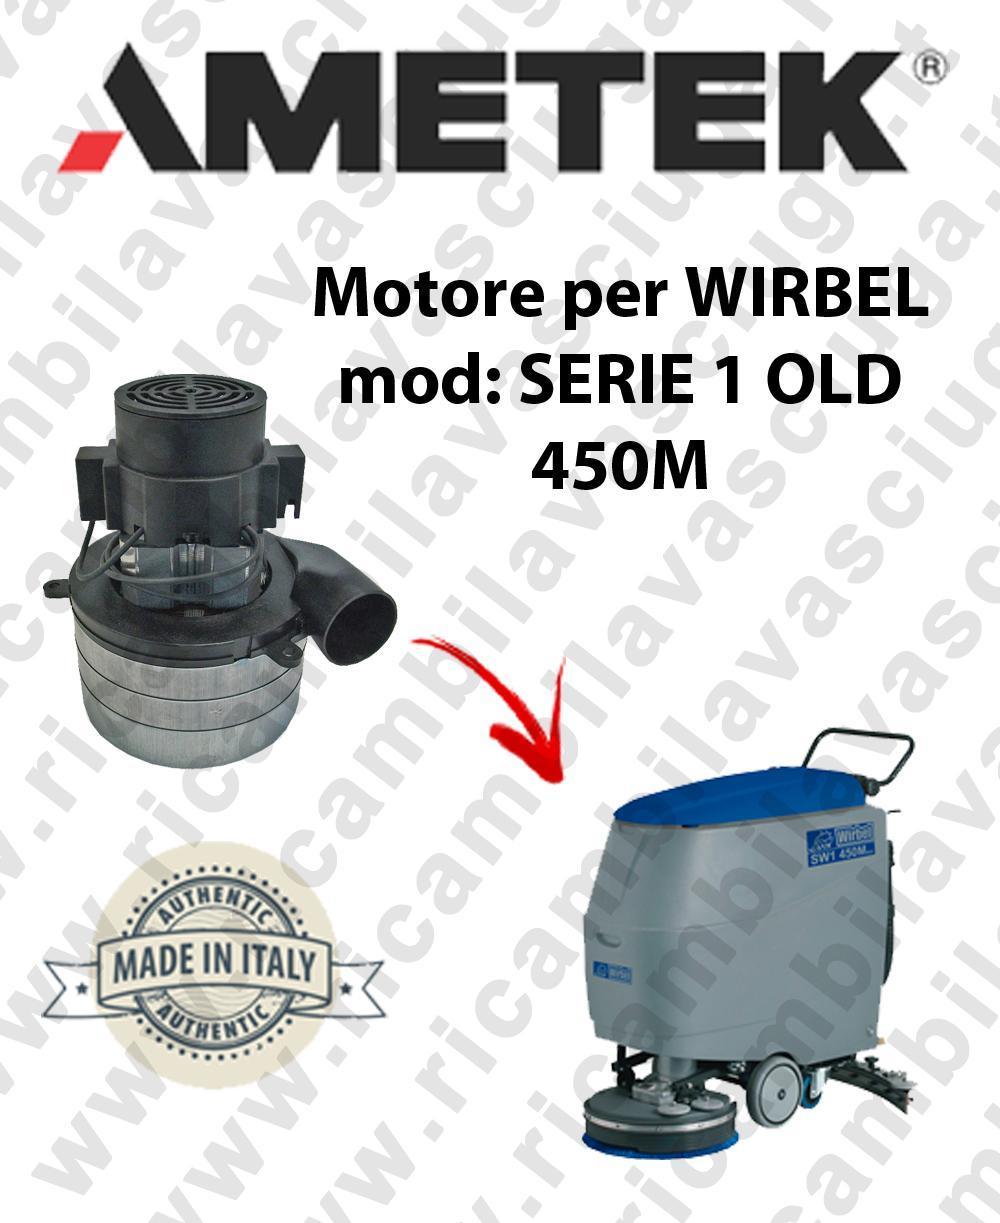 SERIE 1 OLD 450M Saugmotor AMETEK für scheuersaugmaschinen WIRBEL